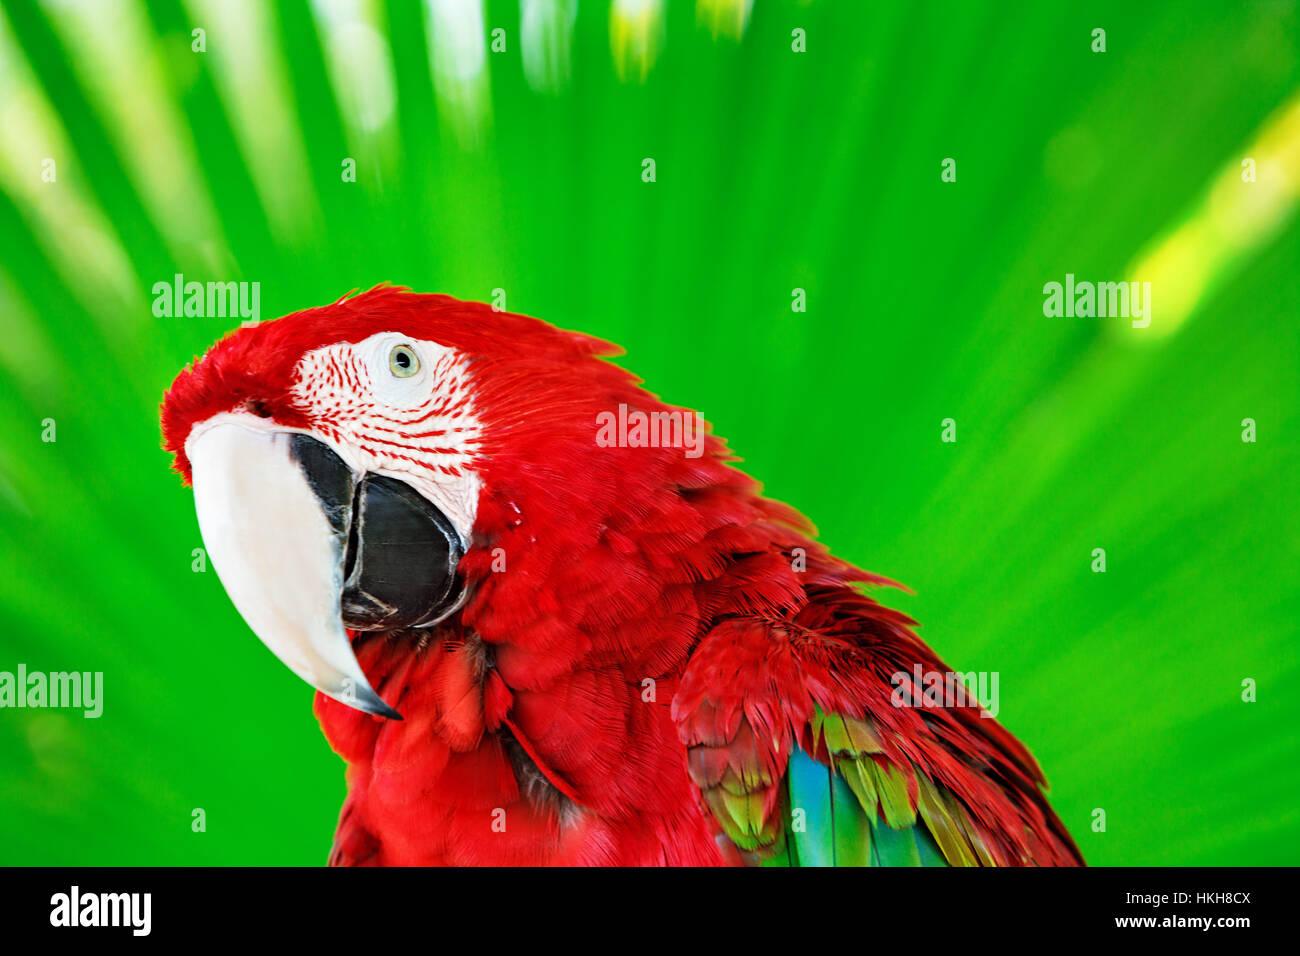 Porträt von roter Ara Papagei gegen Dschungel. Papagei Kopf auf grünem Hintergrund. Natur, Tierwelt und Stockbild